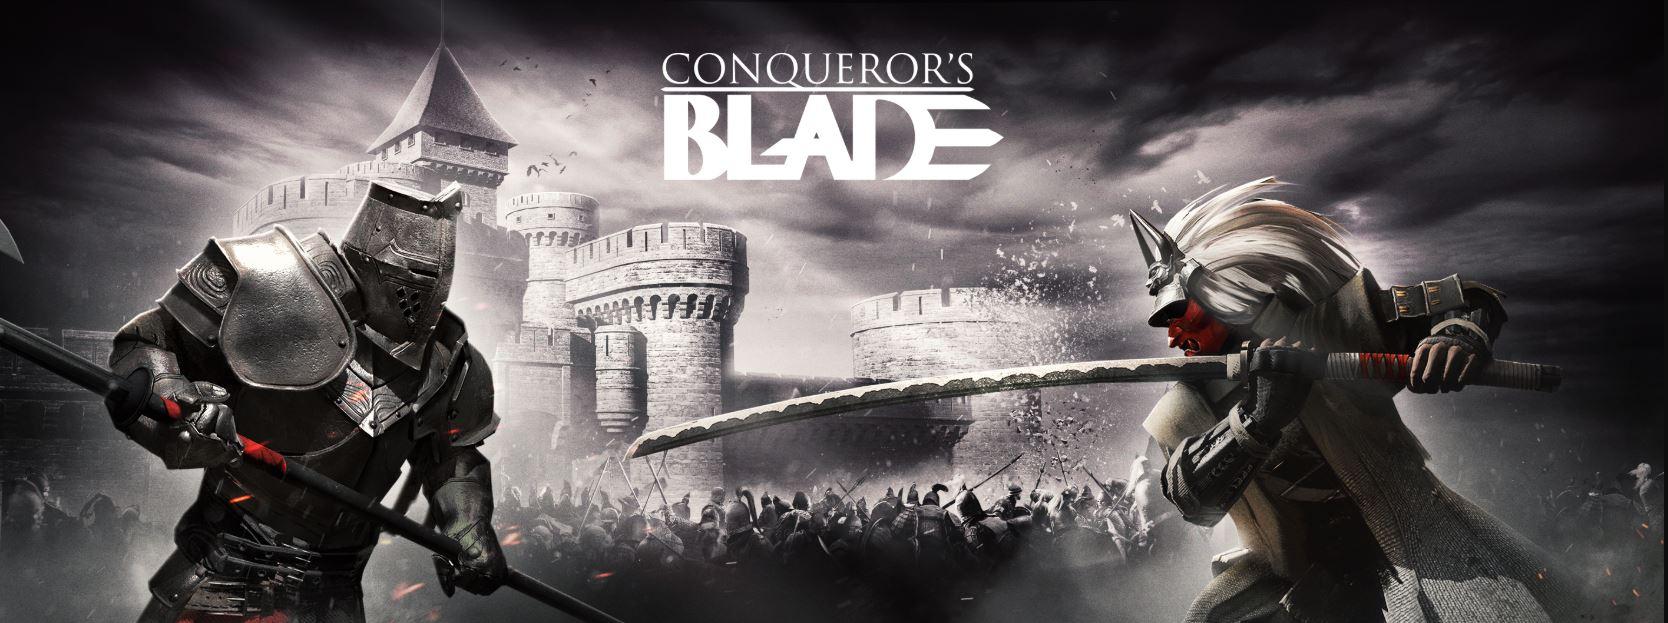 Neues MMO Conqueror's Blade startet – So bist du bei ersten Tests dabei